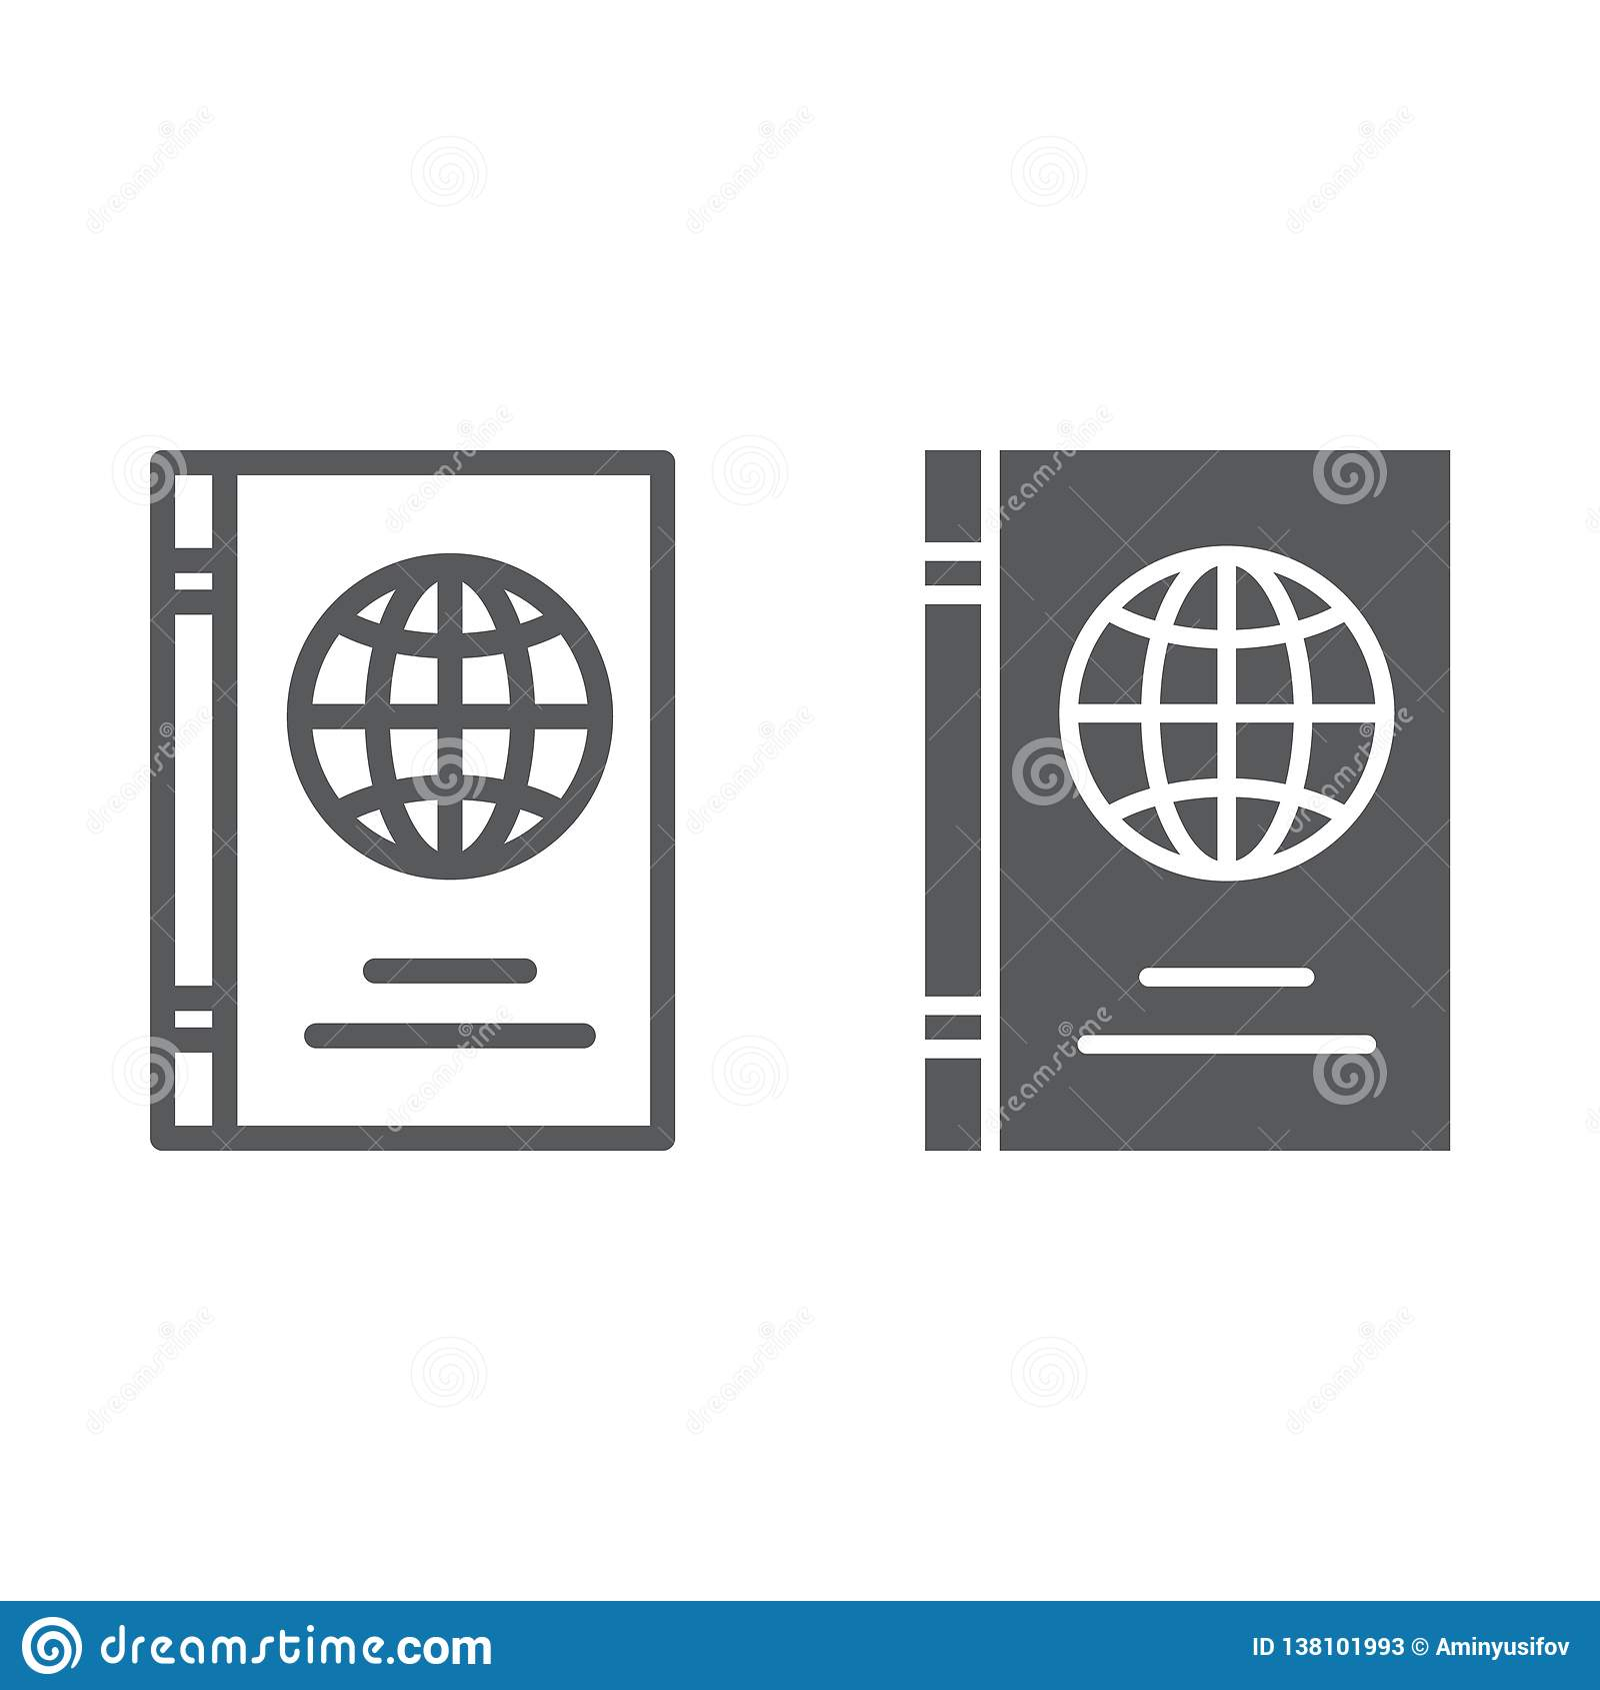 Línea del pasaporte e icono del glyph, identificación y viaje, muestra del documento de identidad, gráficos de vector, un modelo